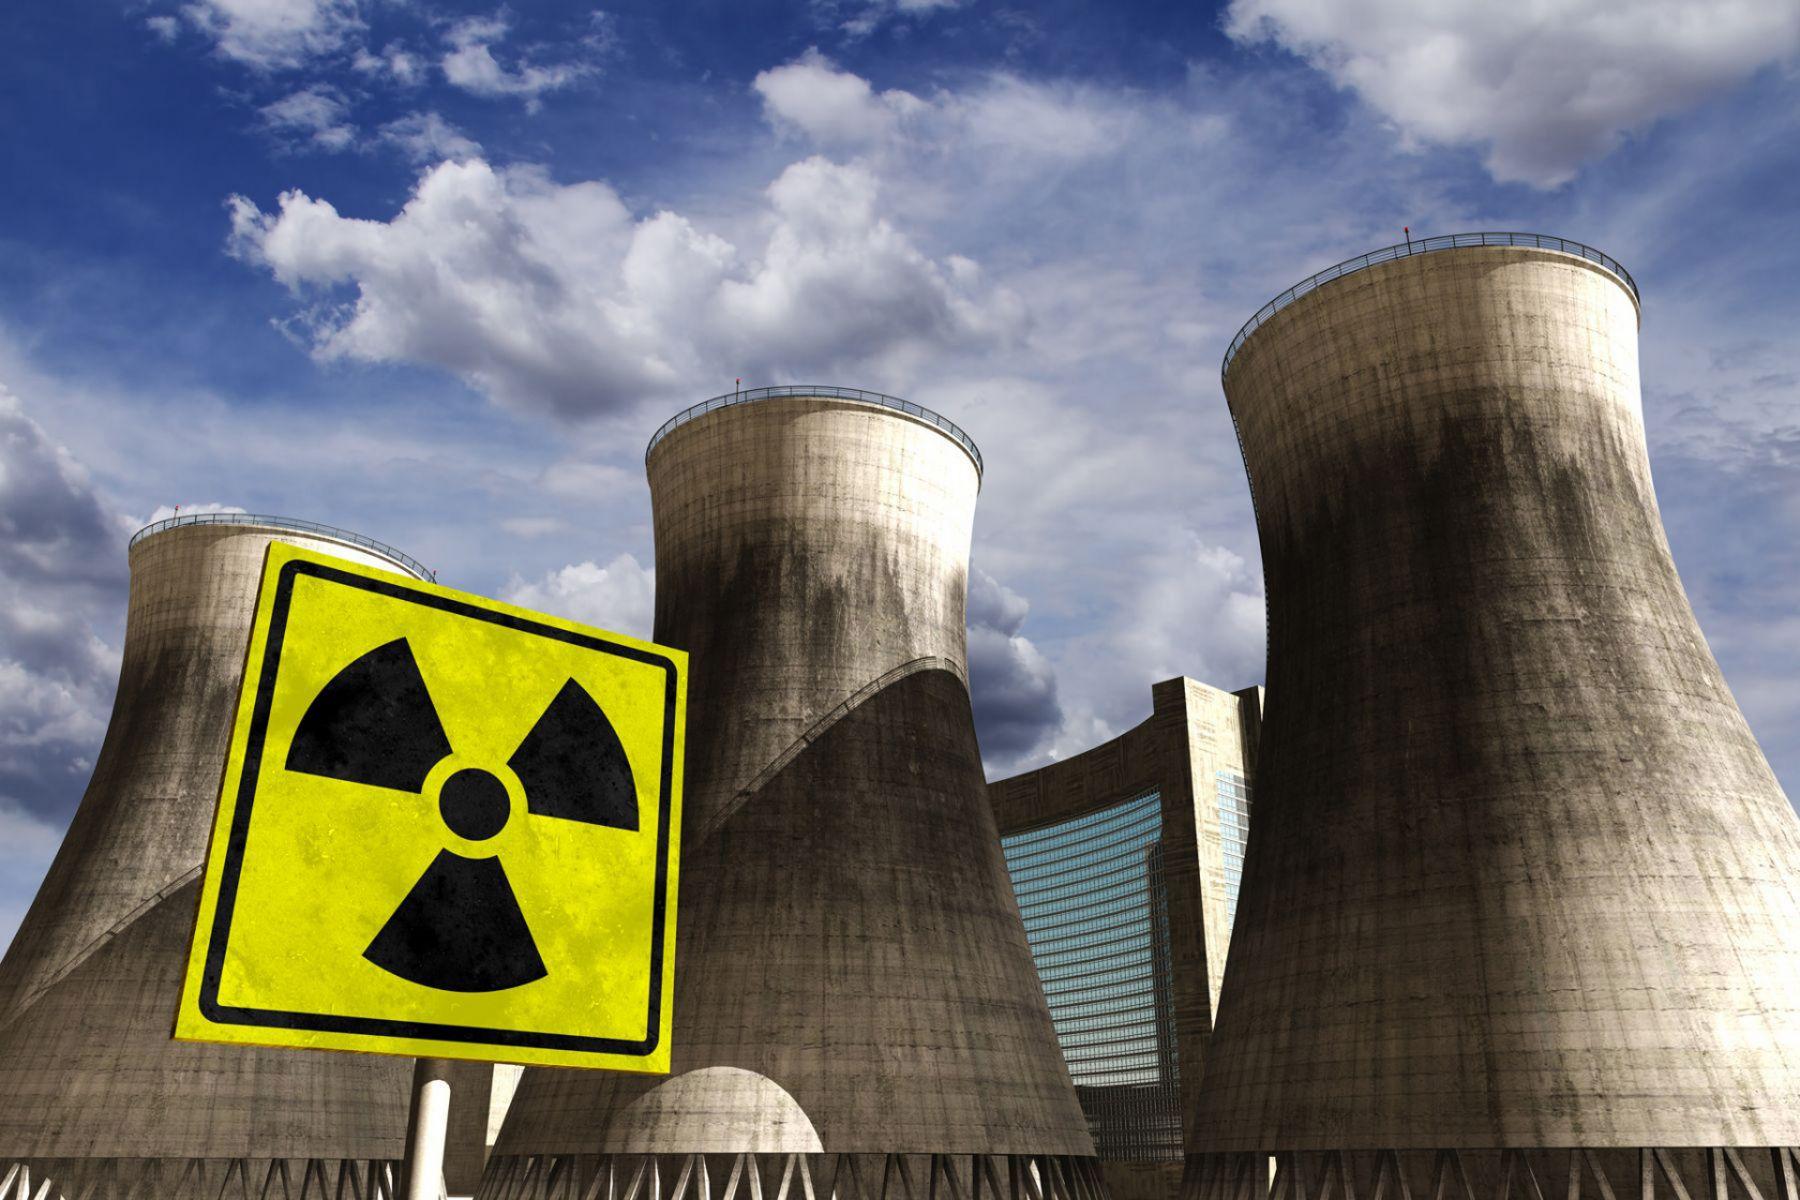 擁核公投過關...廢核平台:這是「以核養核」的勝利